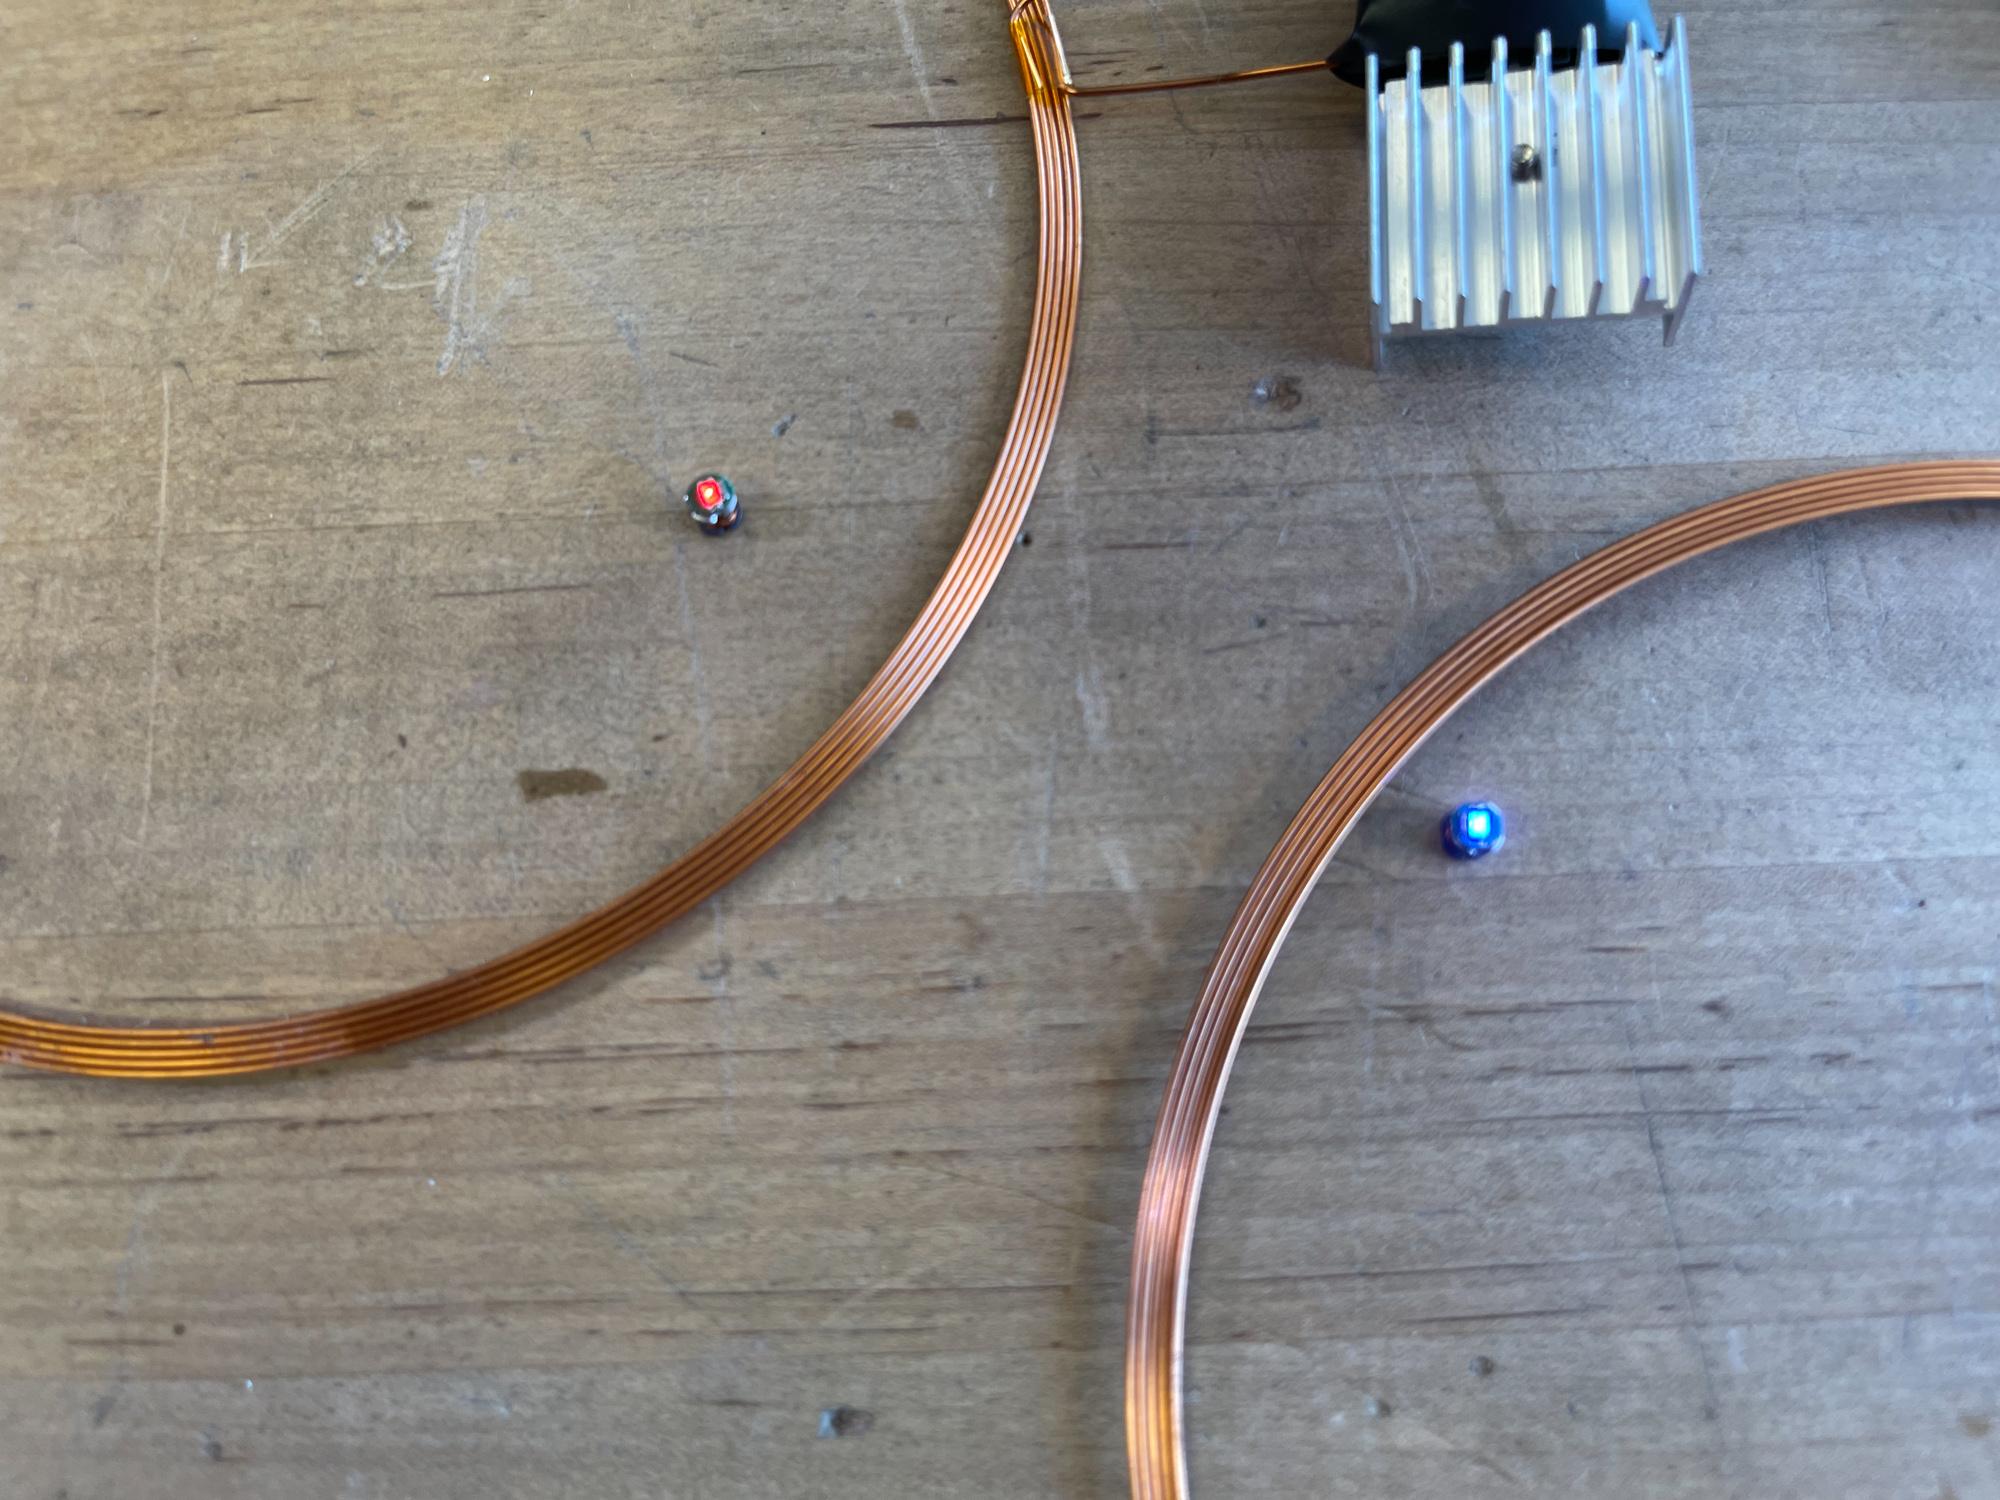 components_LEDstand-3126.jpg